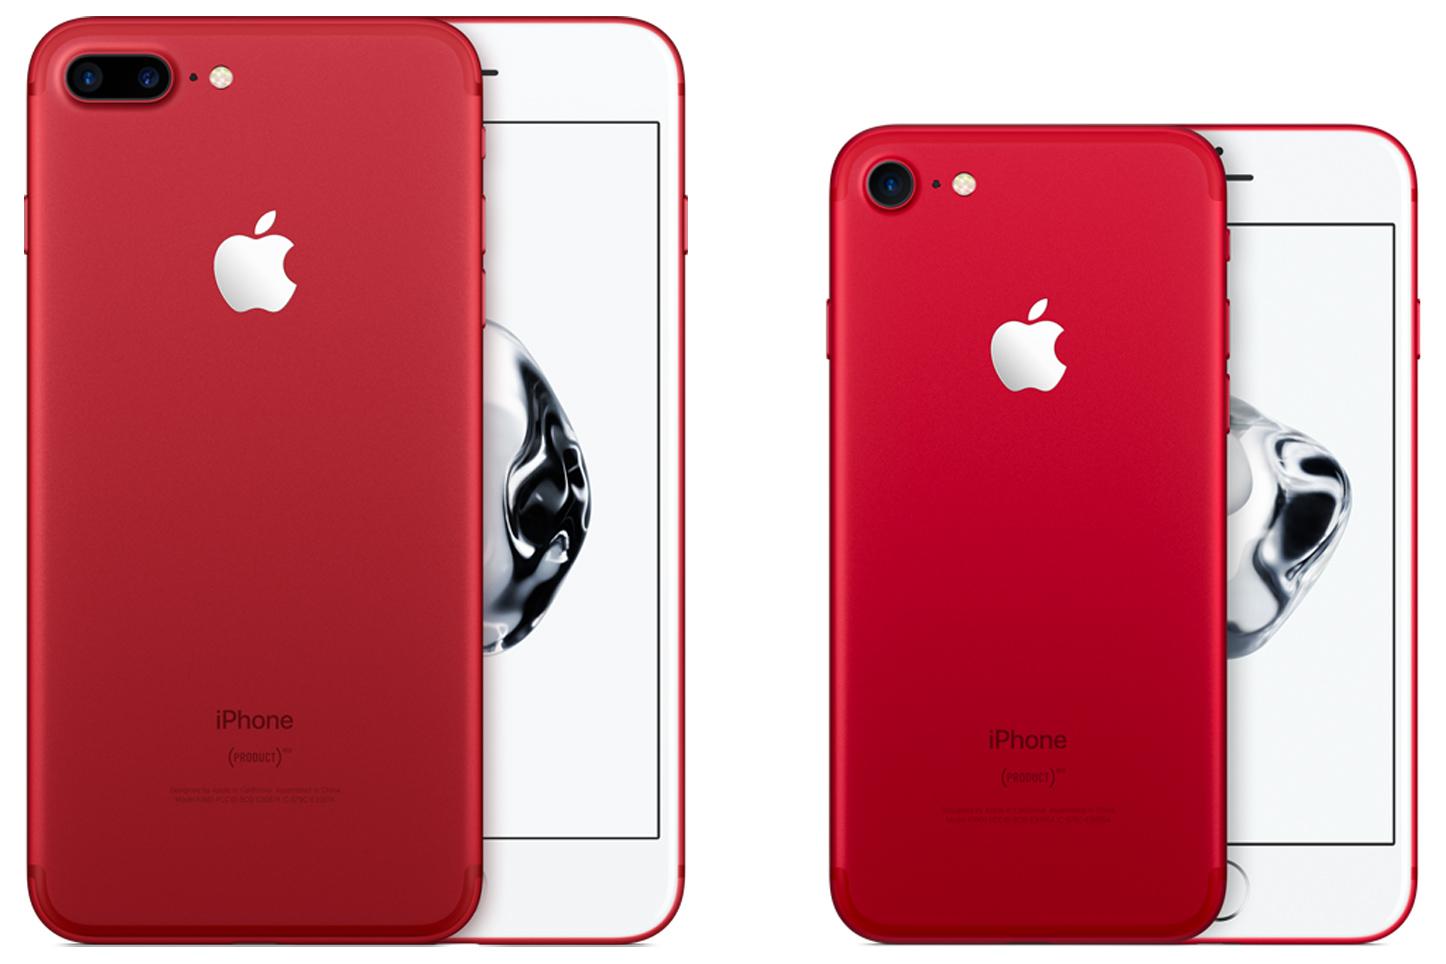 Фото айфона 7 плюс красного цвета